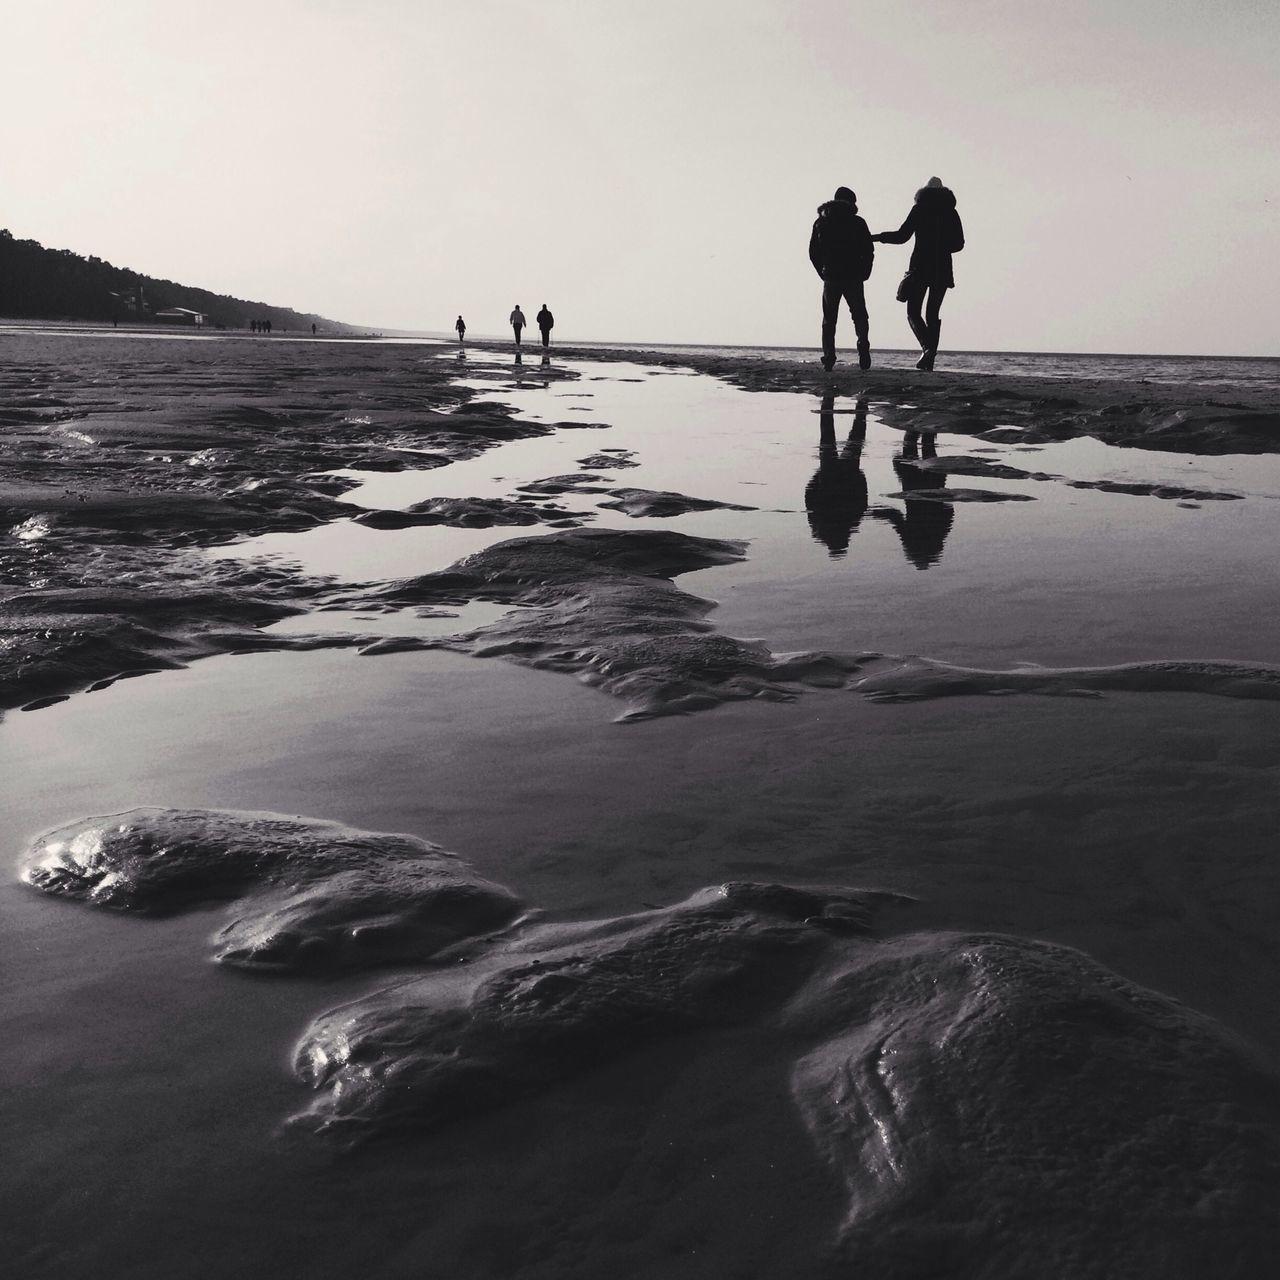 Group of people walking on beach